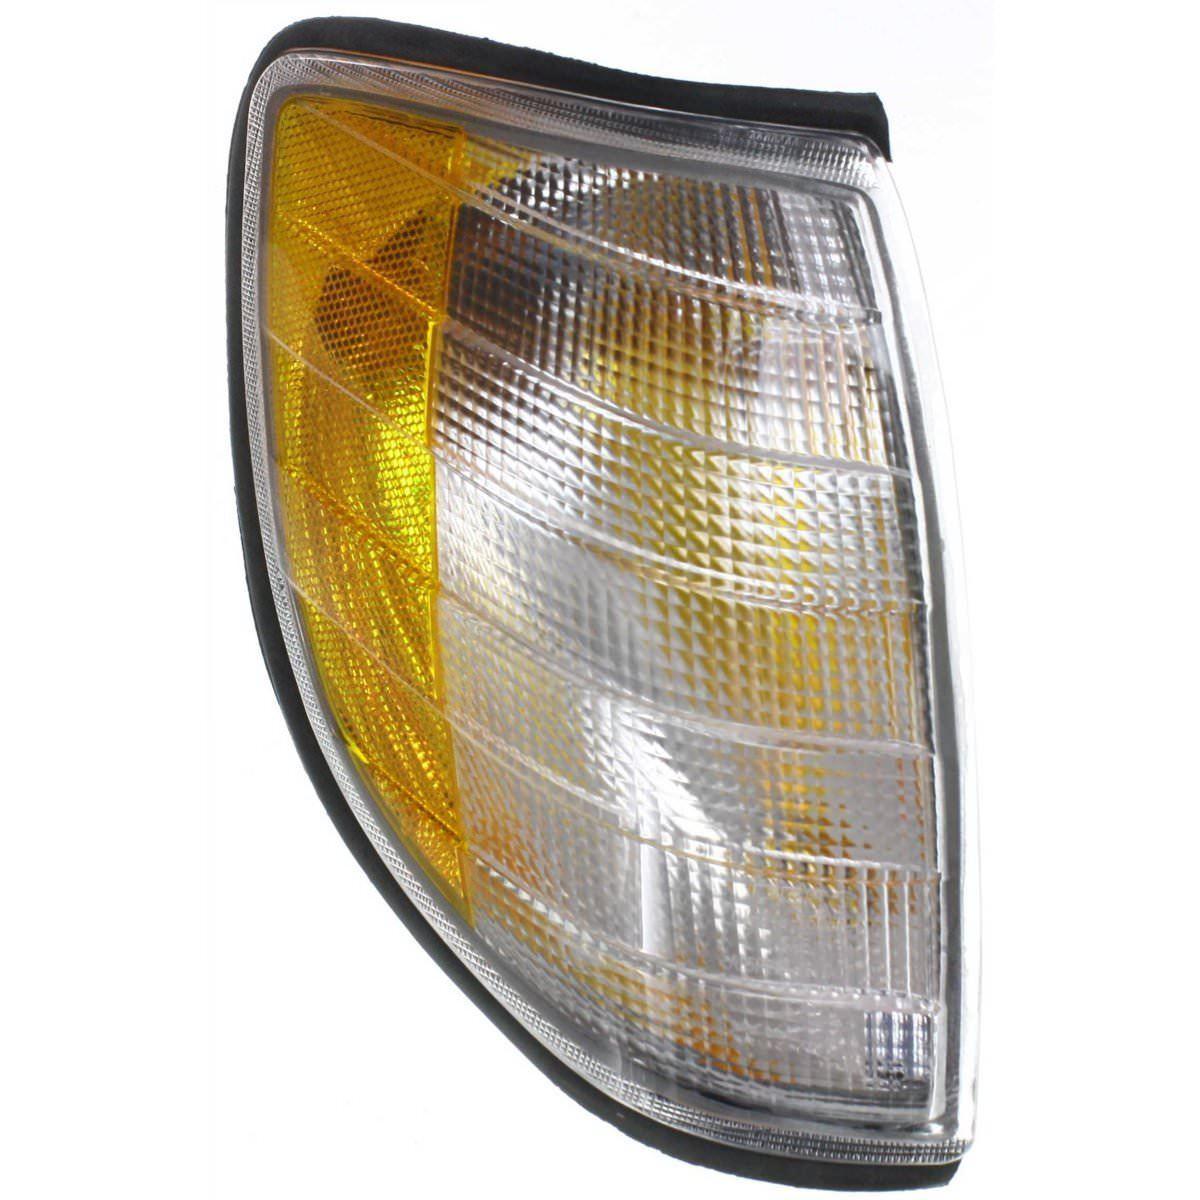 コーナーライト Parking Light For 95-99 Mercedes Benz S320 S500 Passenger Side 95-99メルセデスベンツS320 S500用の駐車ライト